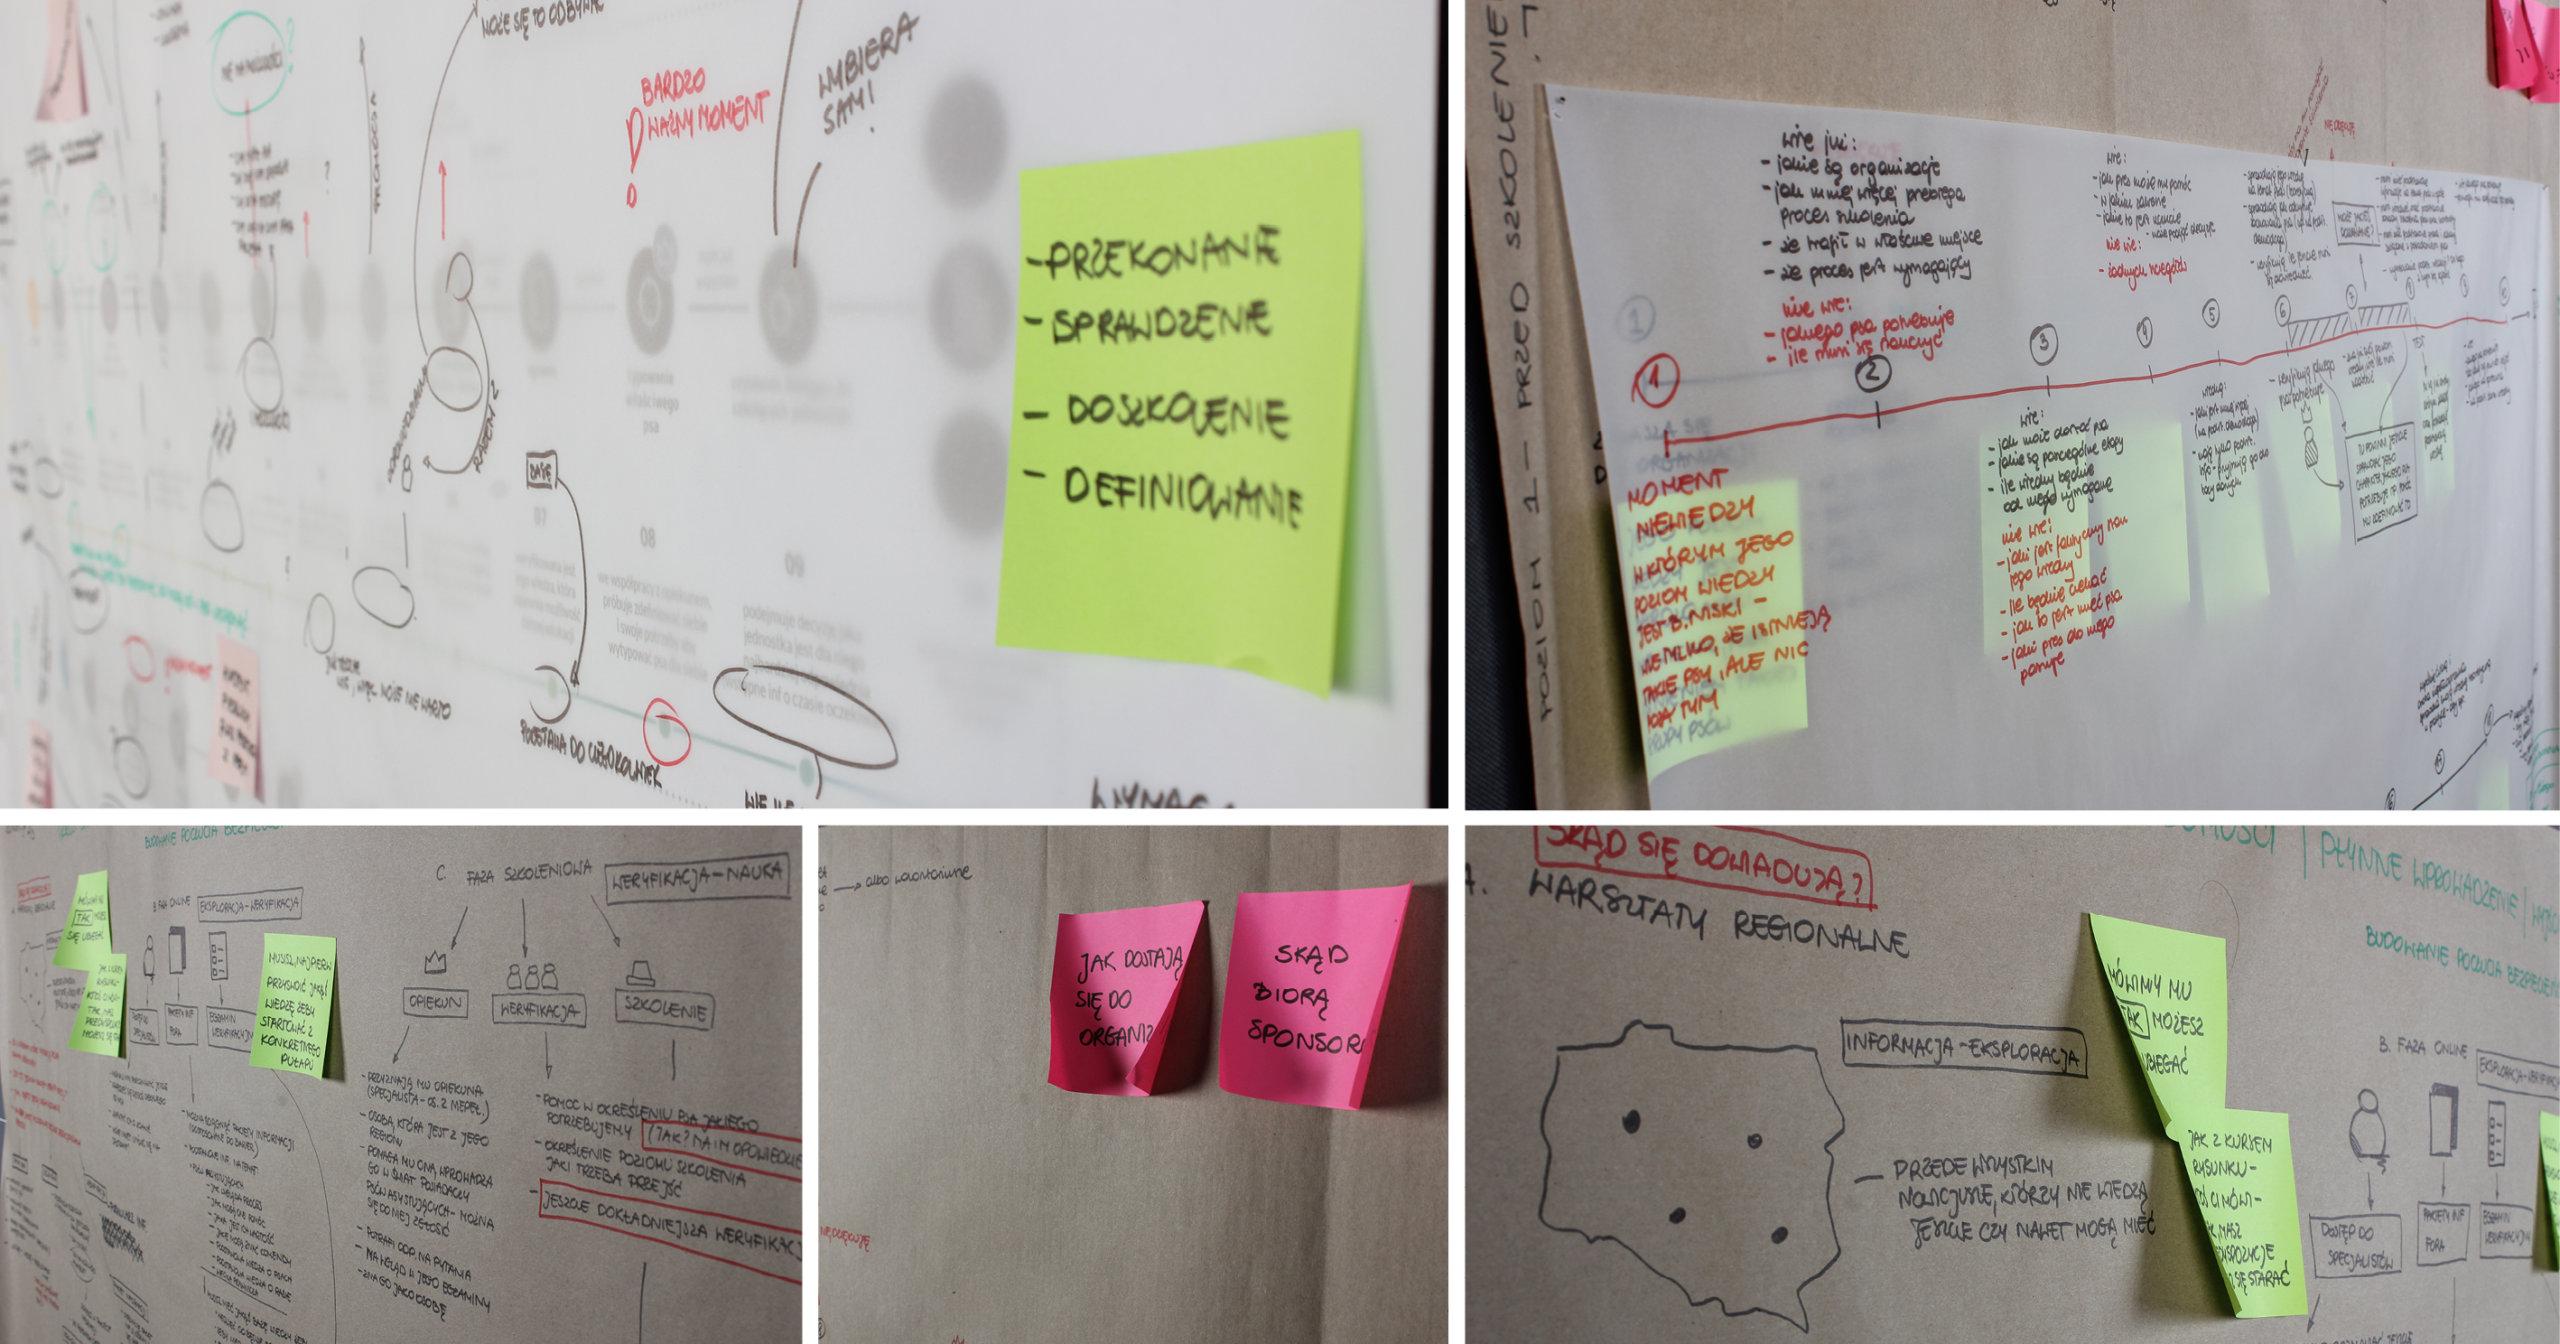 """Ilustracja składa się ze zbioru pięciu zdjęć. Na zdjęciach widoczne są notatki zrobione na szarym papierze pakowym. W niektórych miejscach pojawiają się karteczki samoprzylepne, na których widoczne są pytania """"Jak dostają się do organizacji?"""" """"Skąd biorą sponsorów?"""" a także wypunktowane hasła """"przekonanie, sprawdzenie, doskonalenie, definiowanie"""". W niektórych miejscach znajdują się dodatkowe notatki wykonane na pergaminie."""